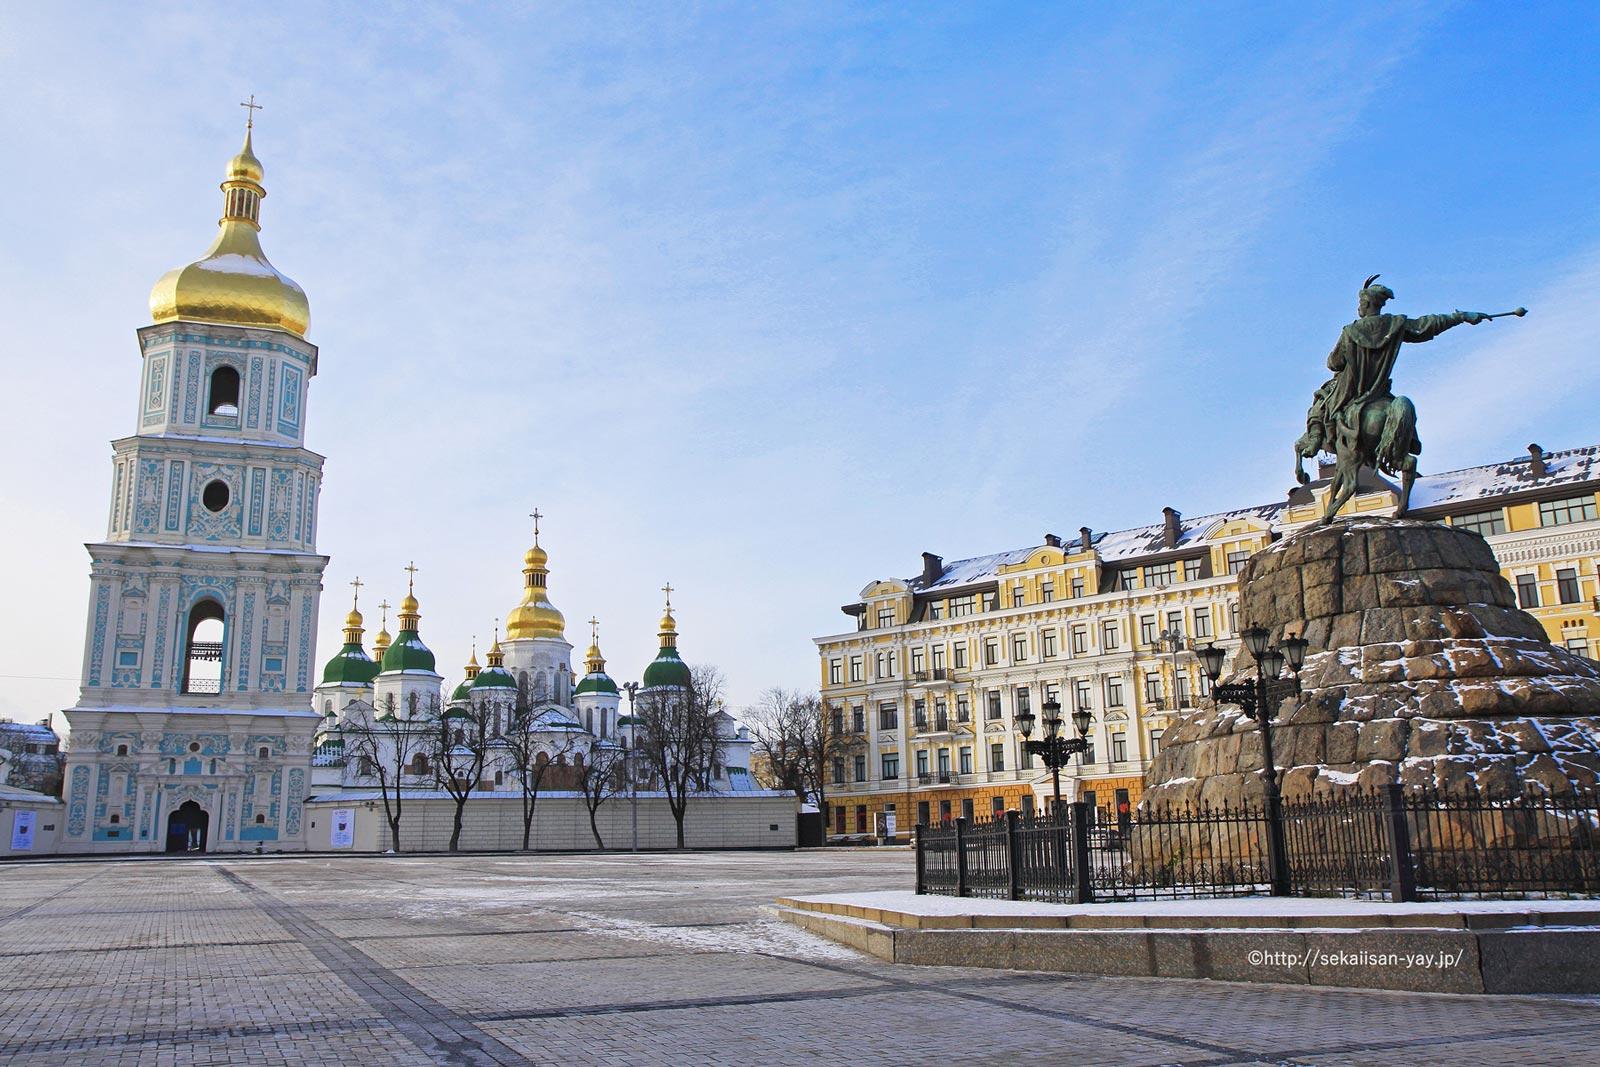 ウクライナ「キエフ:聖ソフィア大聖堂と関連する修道院建築物群、キエフ-ペチェールスカヤ大修道院」